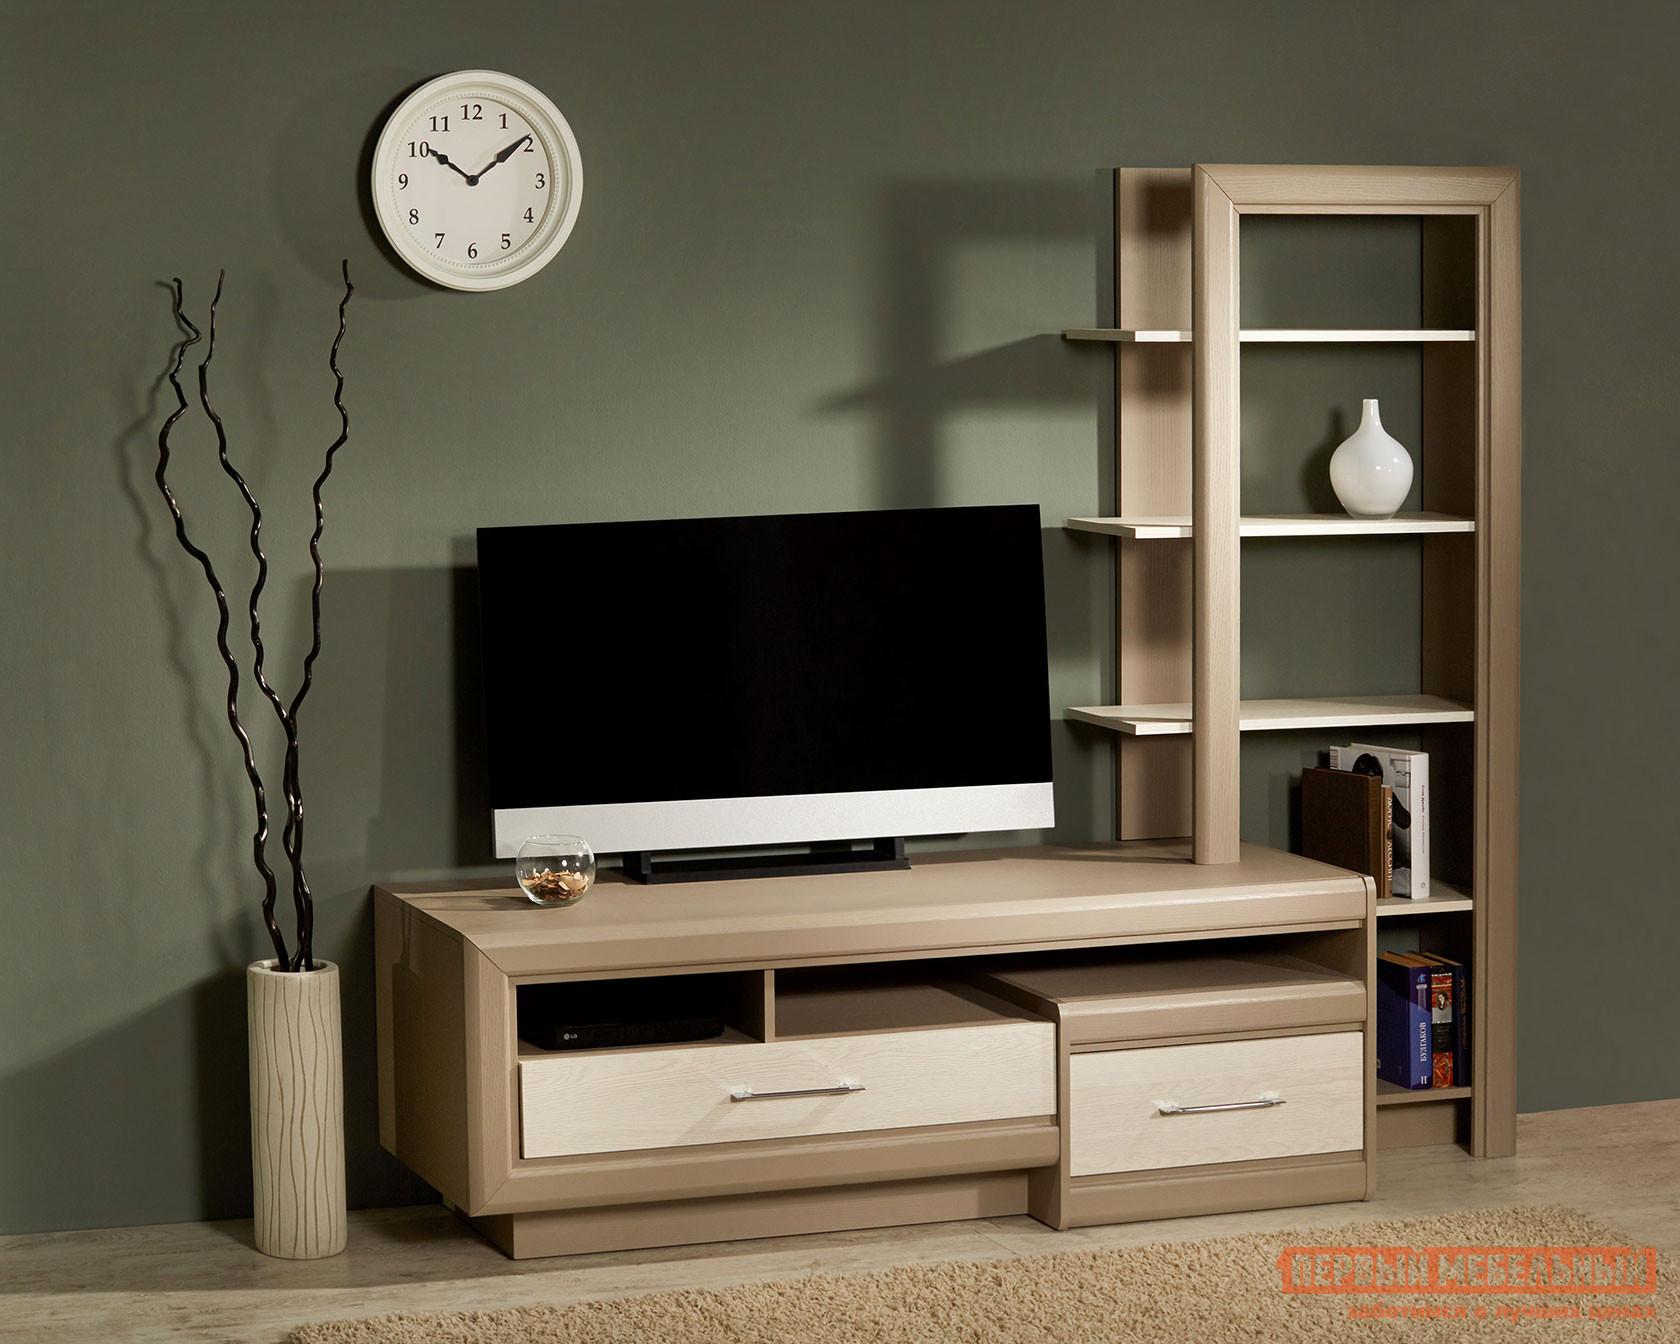 ТВ-тумба Первый Мебельный Лацио Тумба под TV